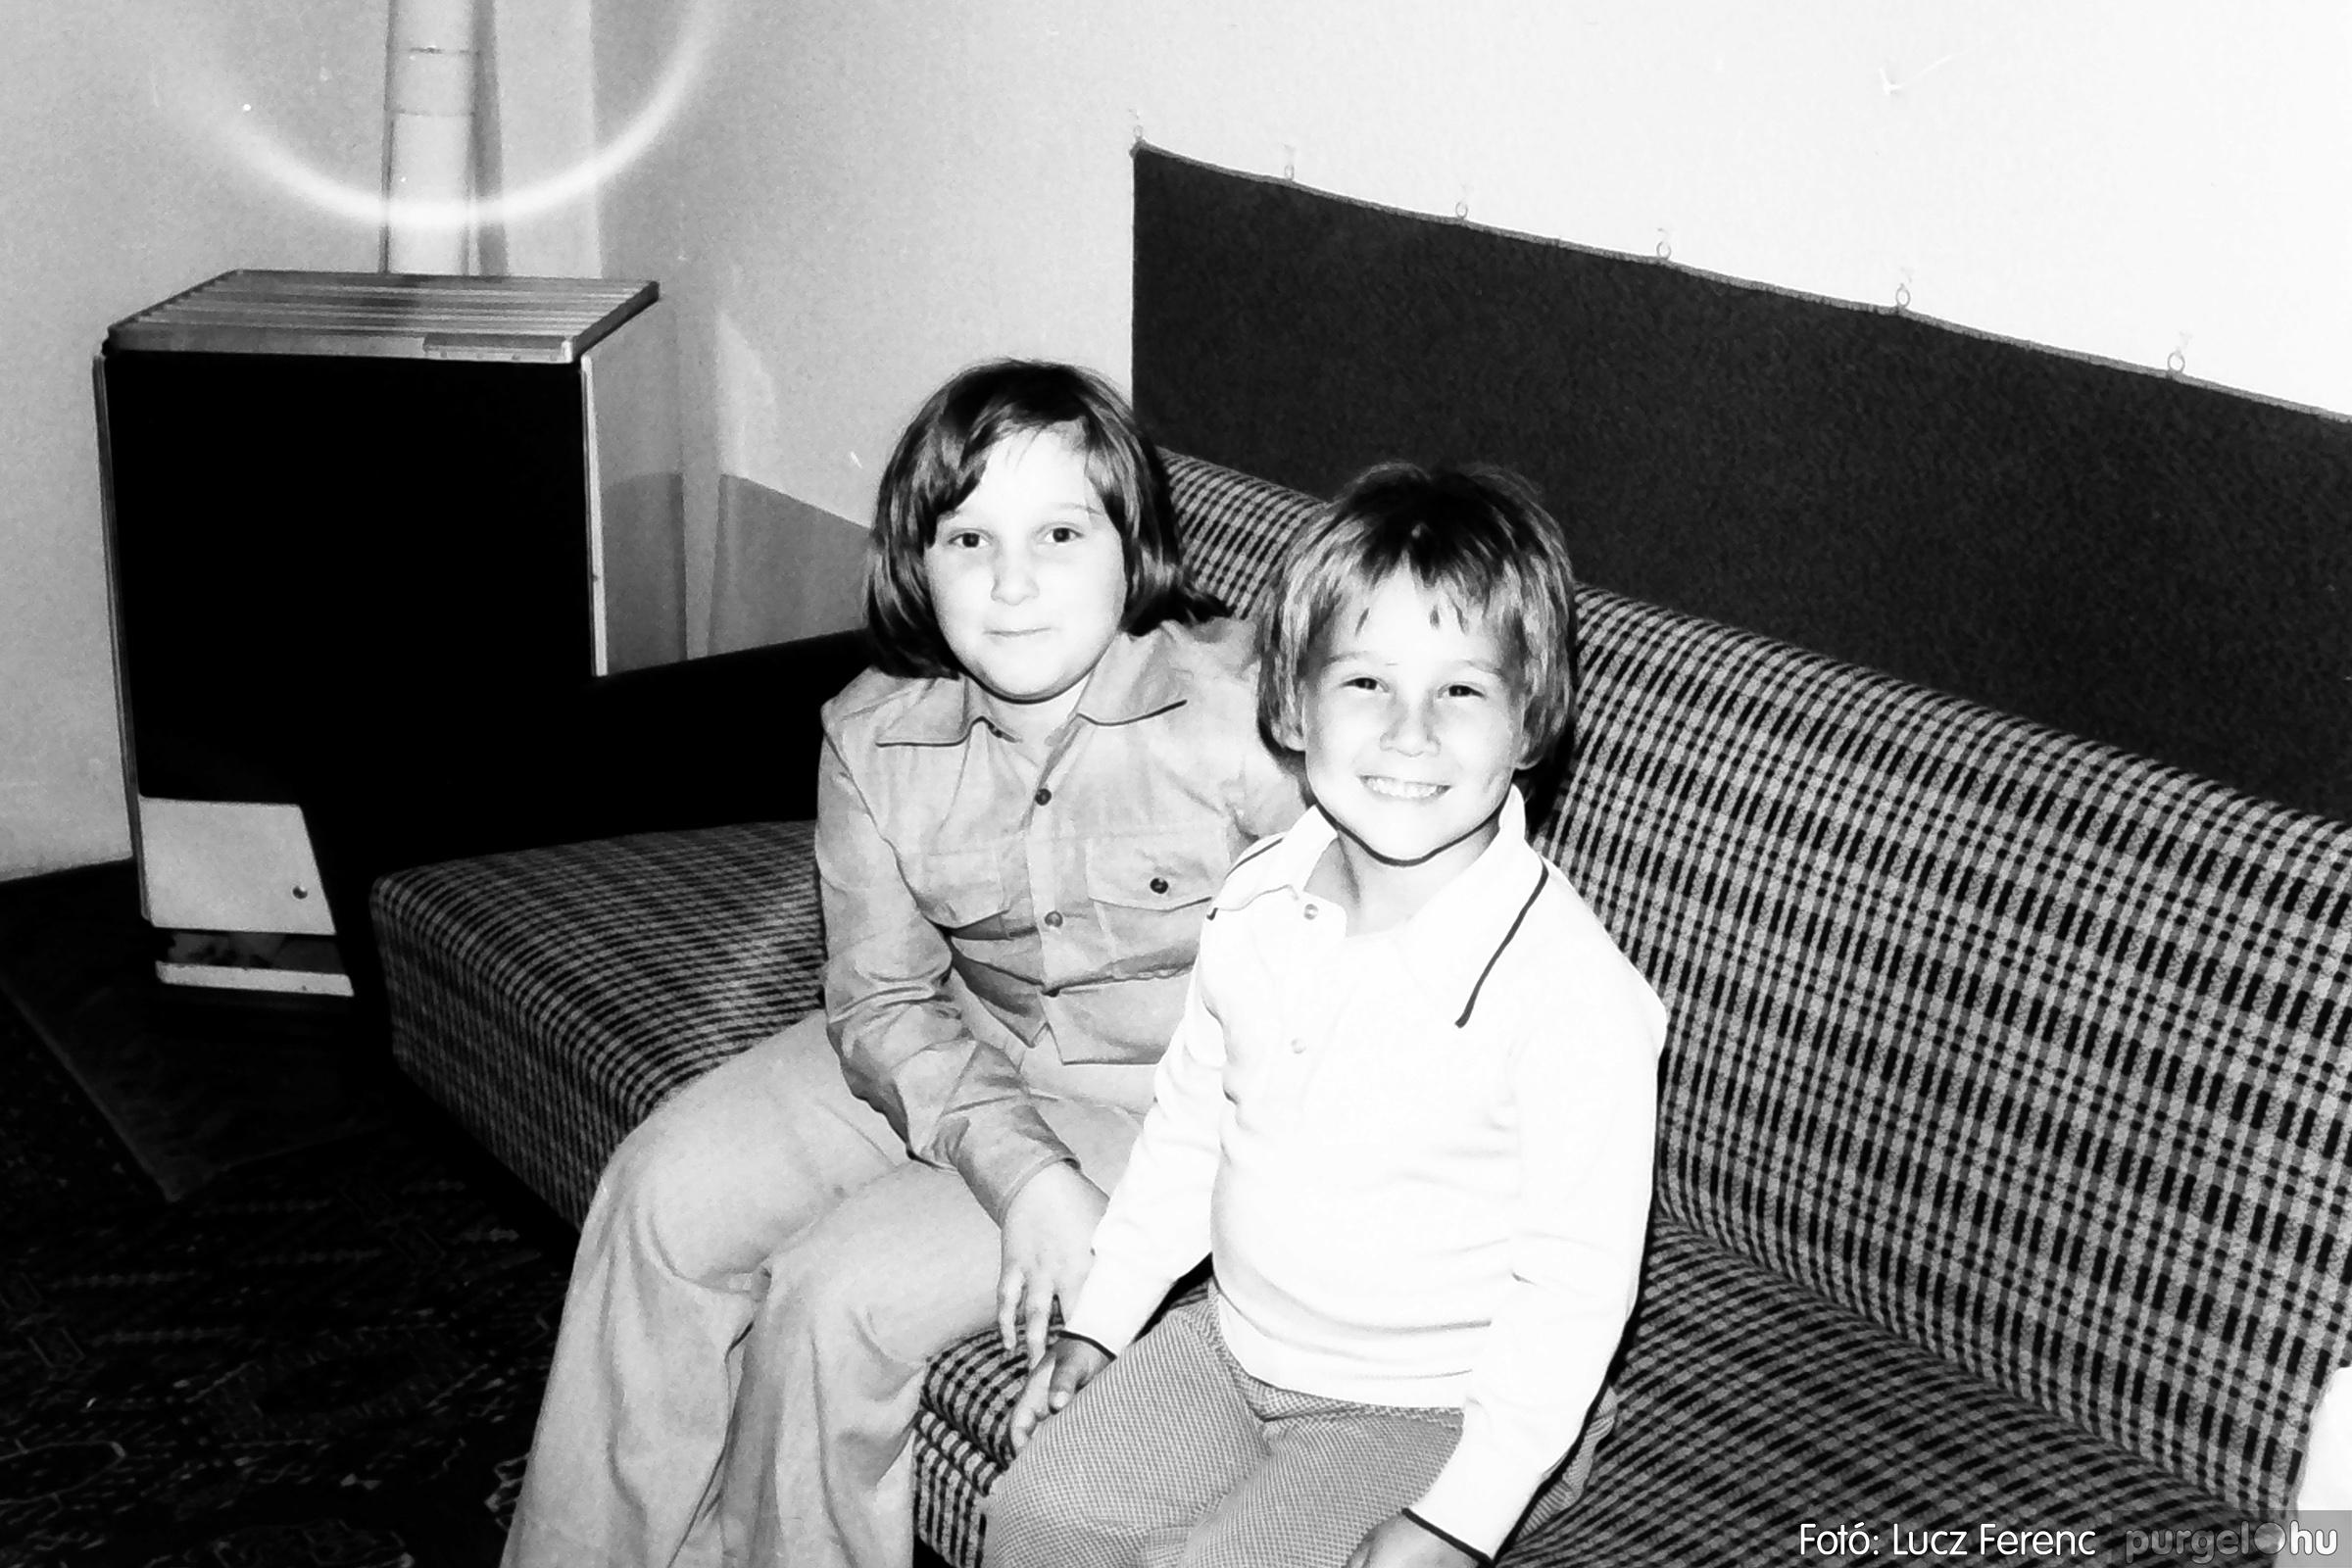 053. 1976. Klubdélután 002. - Fotó: Lucz Ferenc.jpg